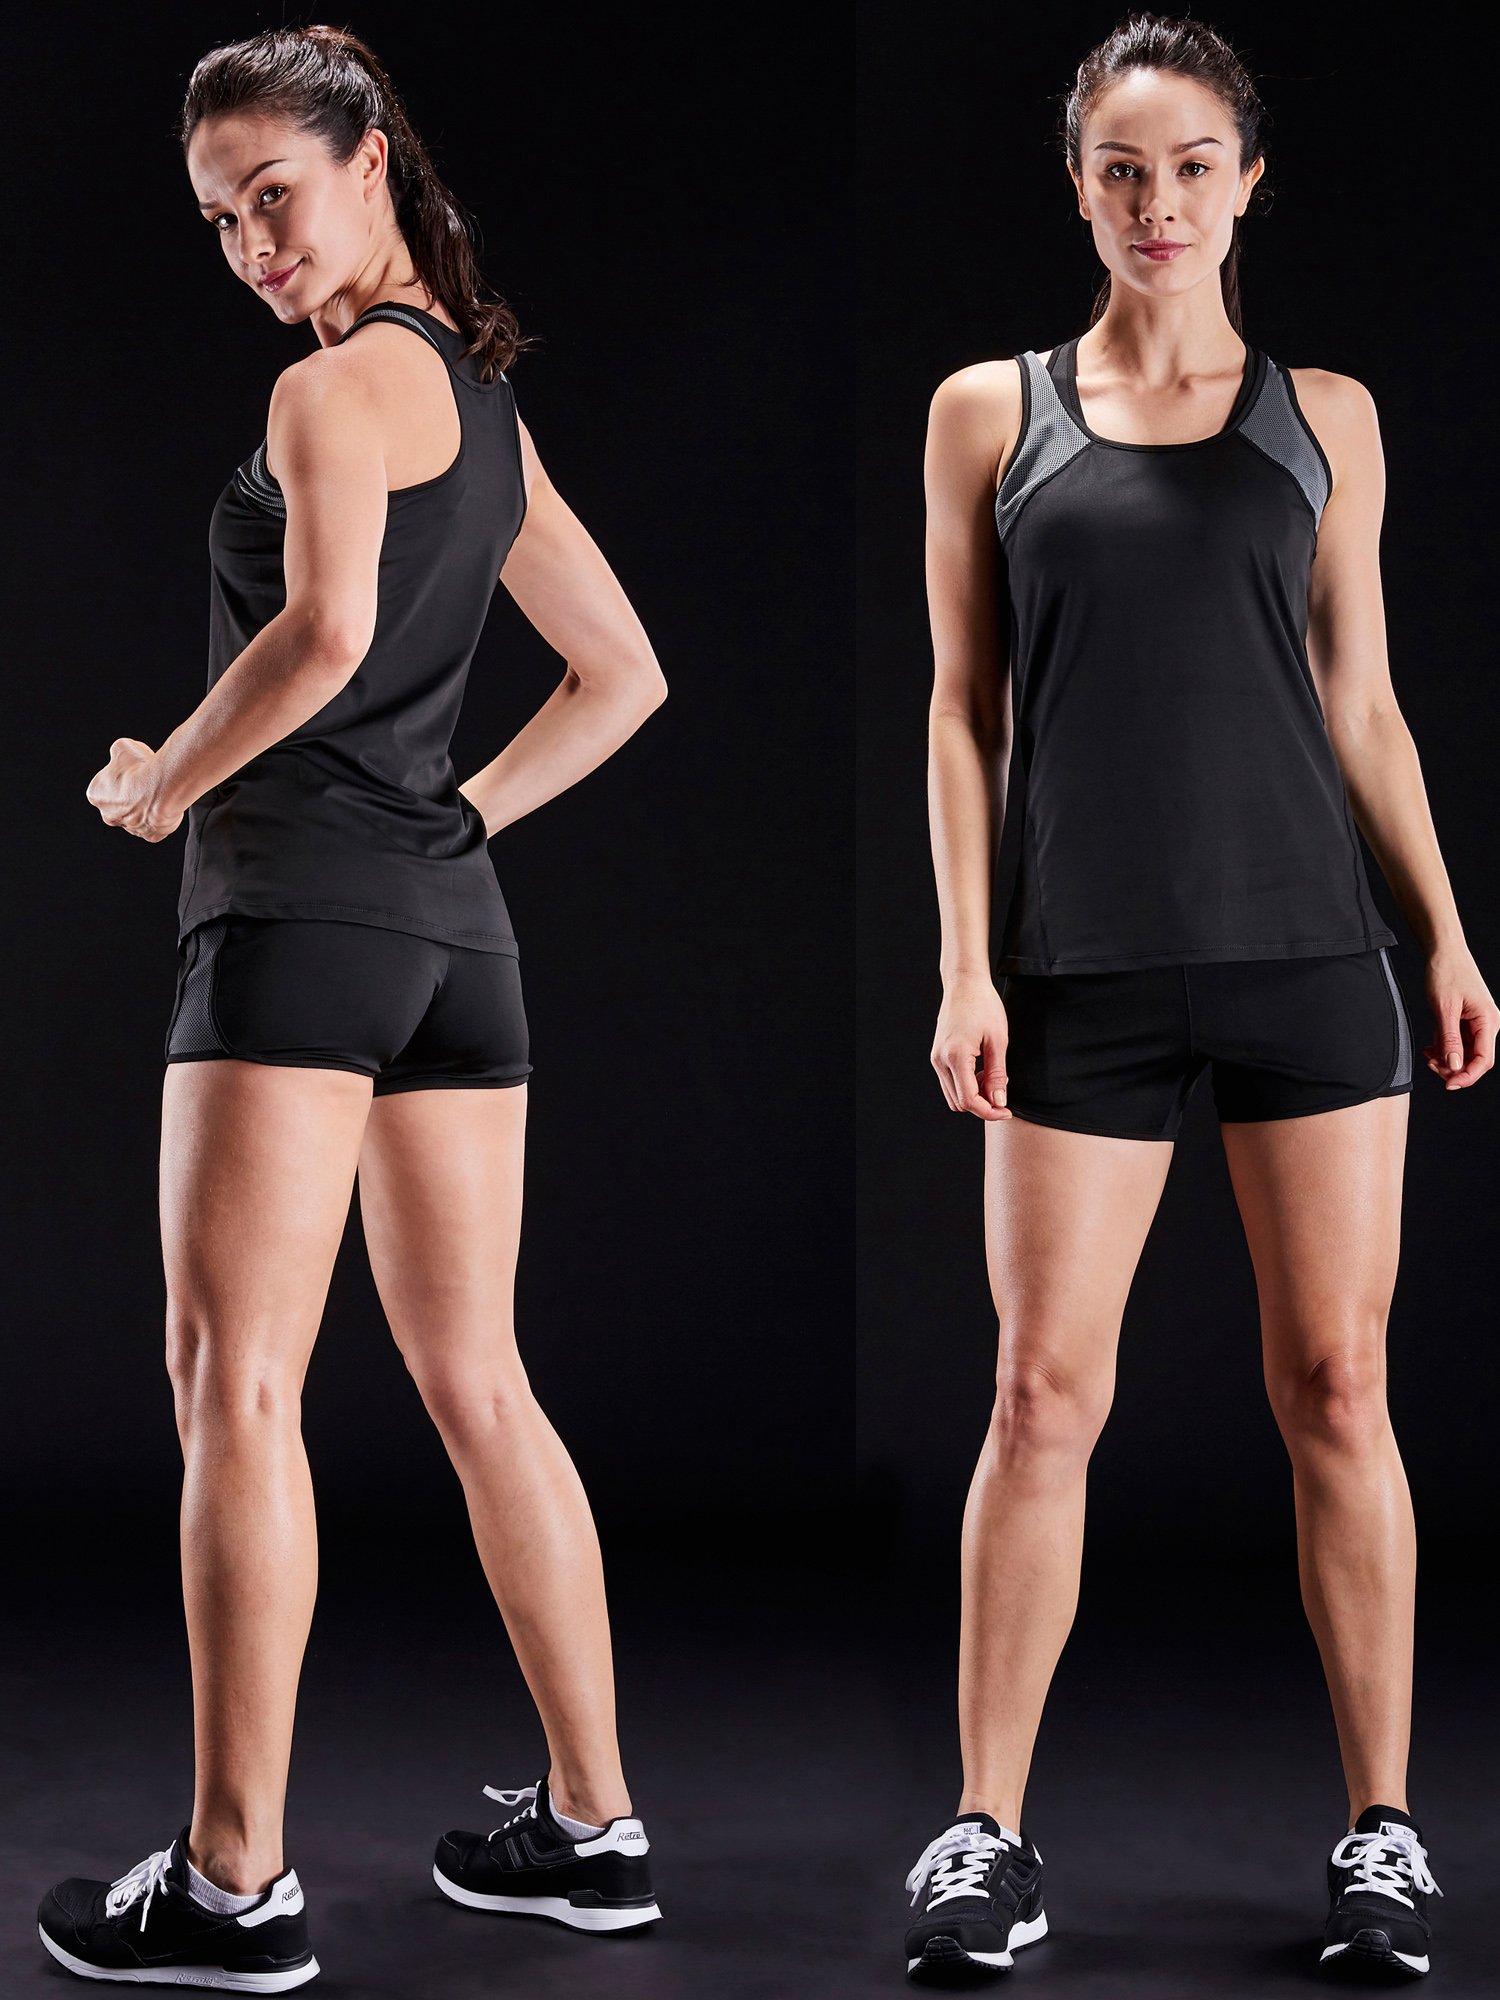 Women's Yoga Workout Tank Top 4